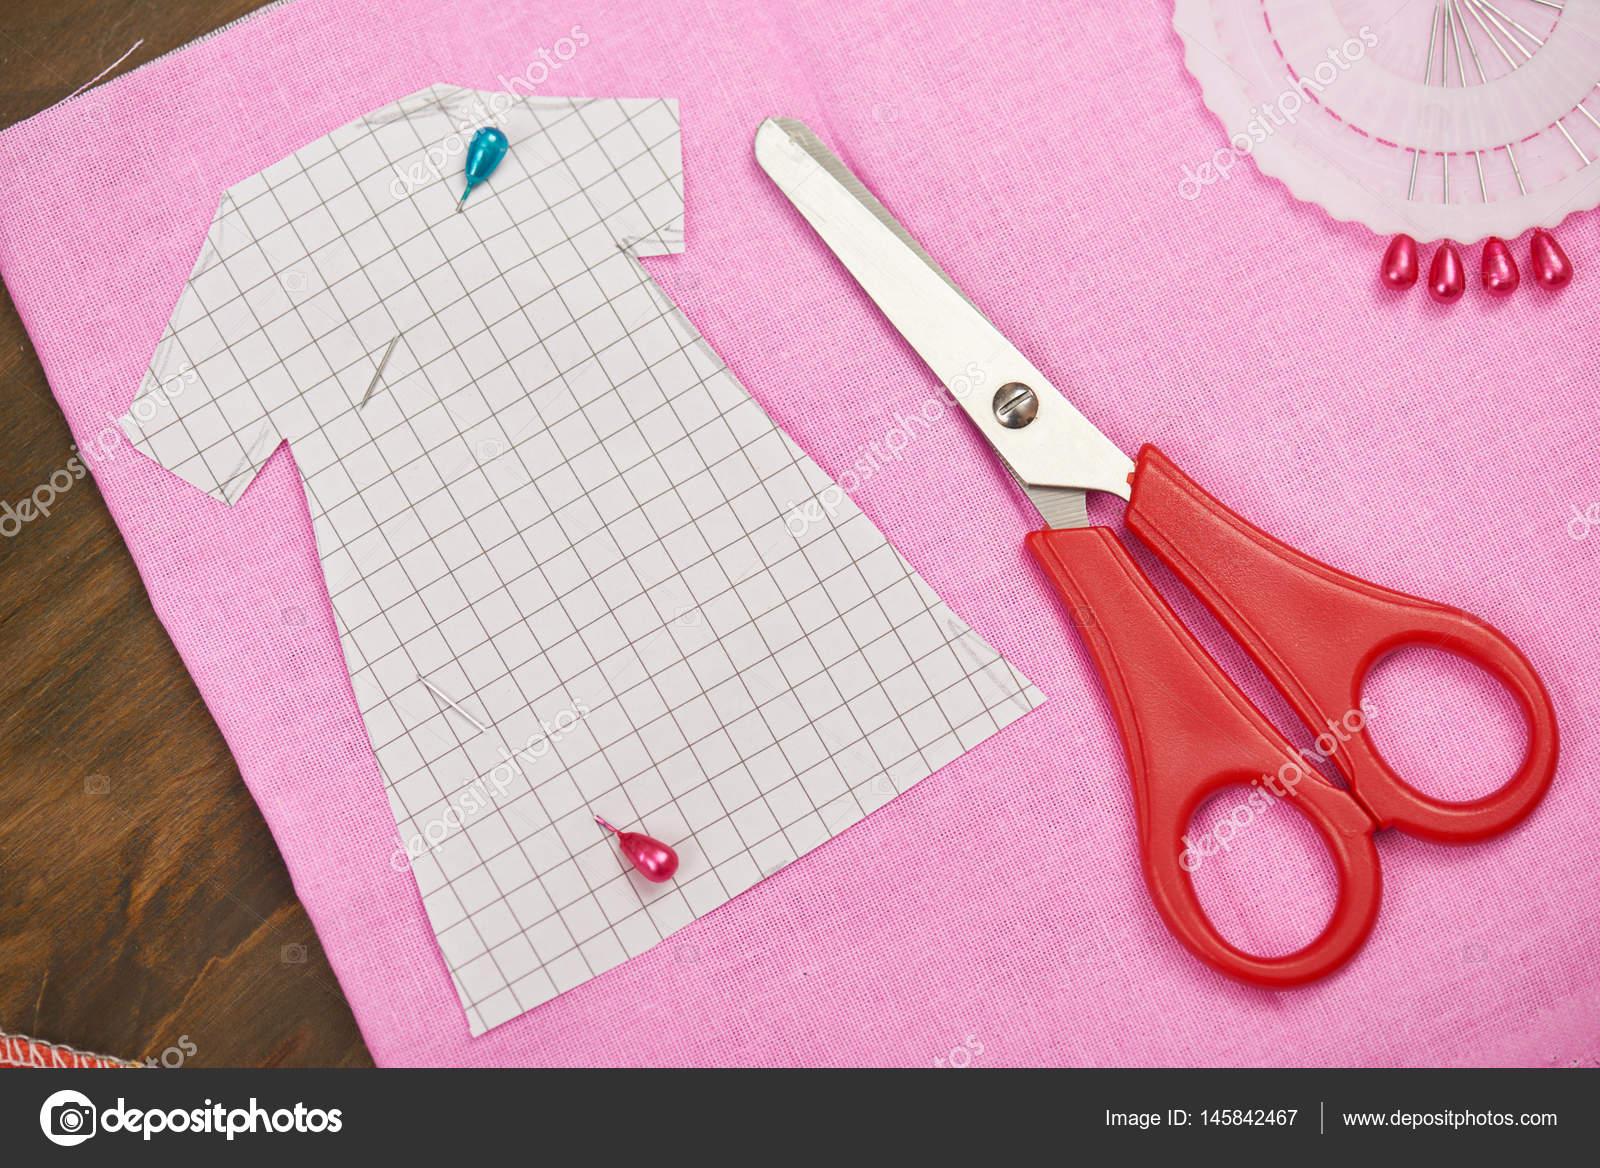 Kleidung, Muster, Nähen Zubehör Draufsicht, Näherin Arbeitsplatz und ...